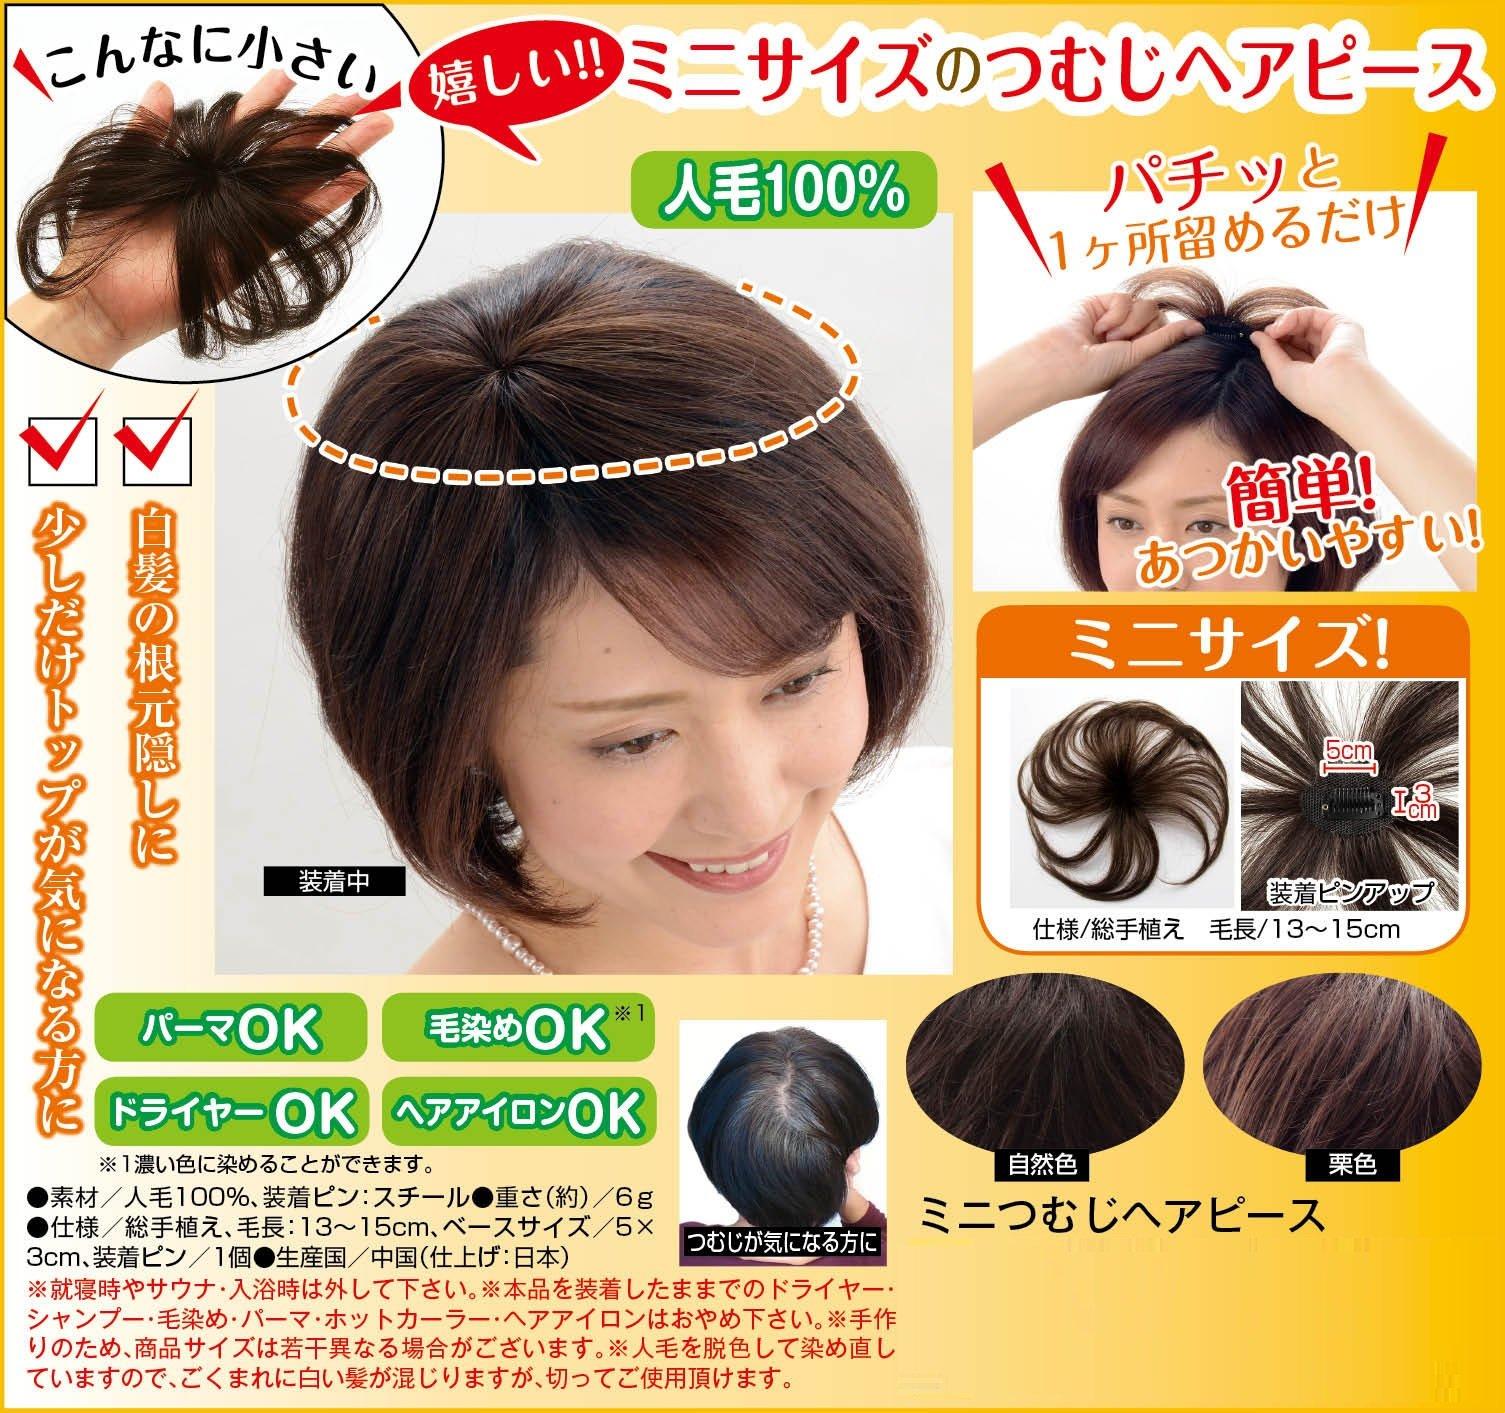 ミニつむじヘアピース レギュラーサイズ